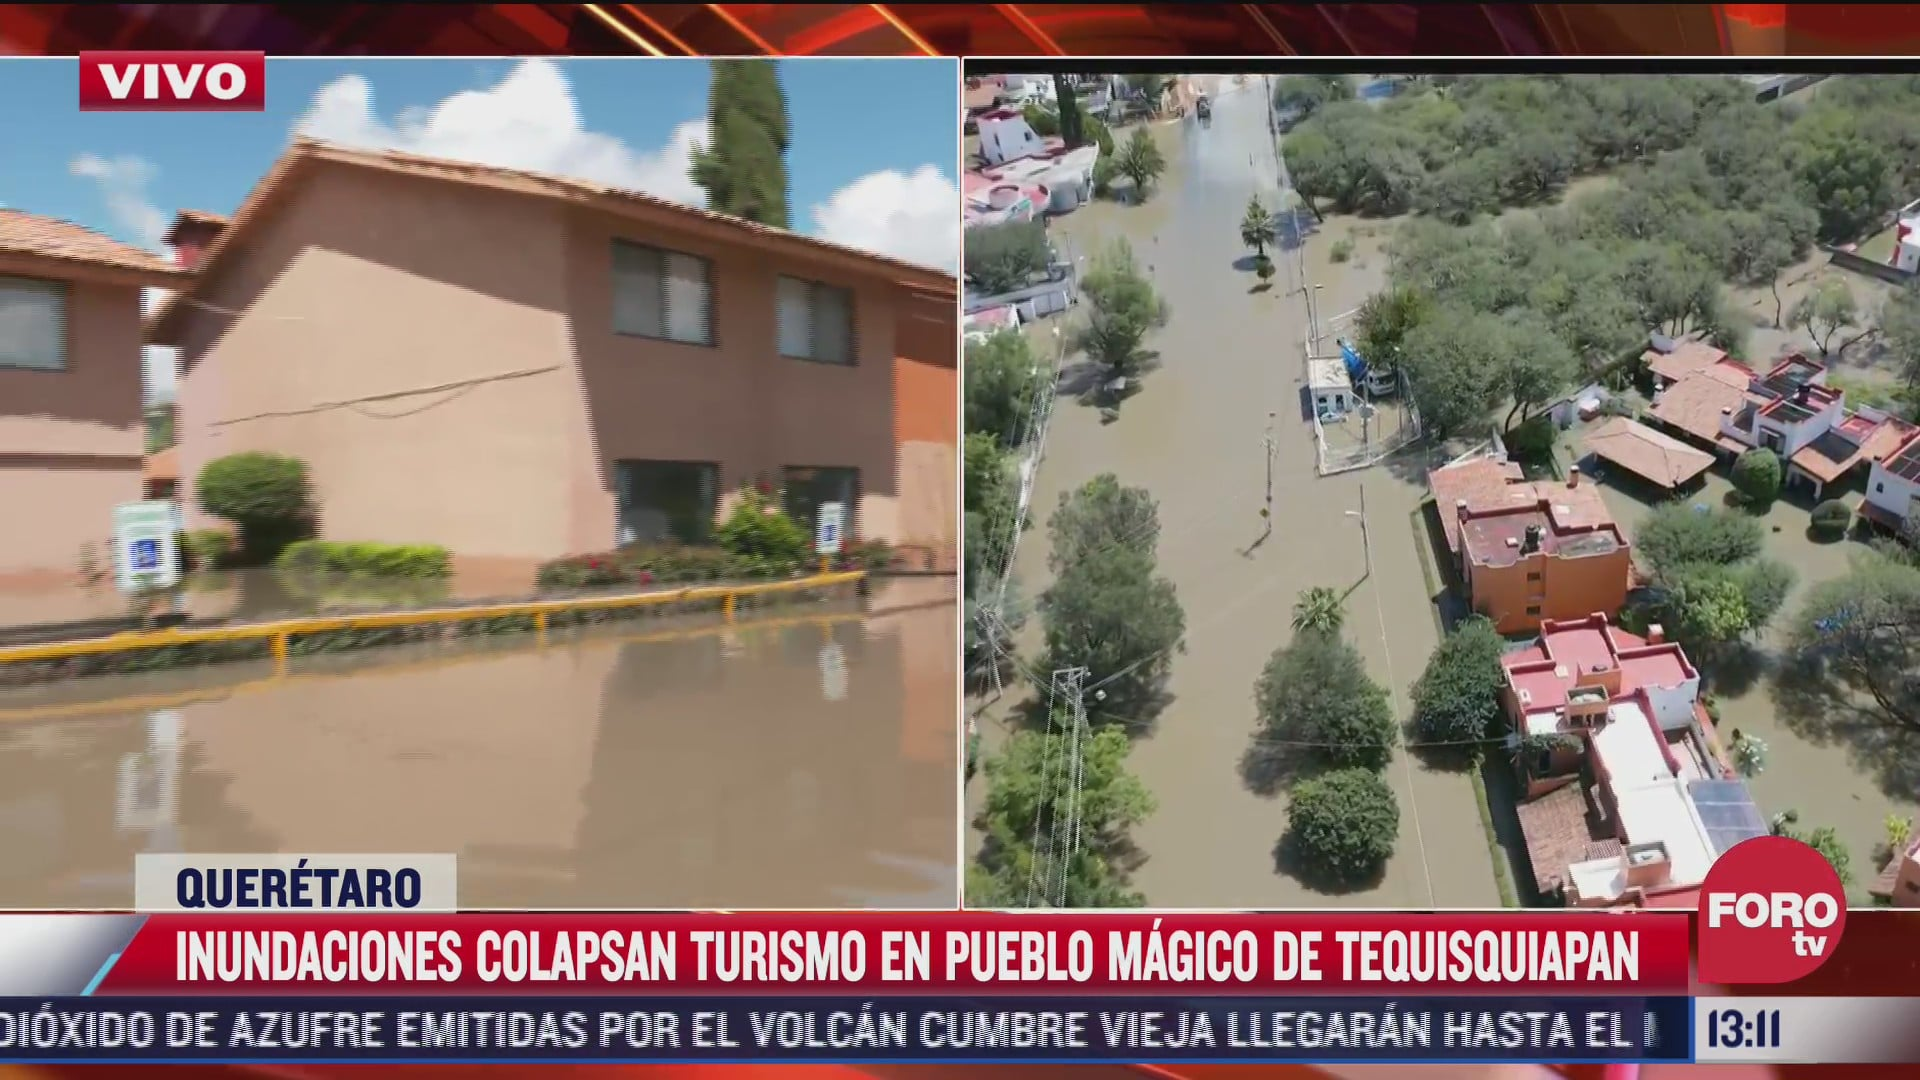 inundaciones colapsan turismo en tequisquiapan queretaro